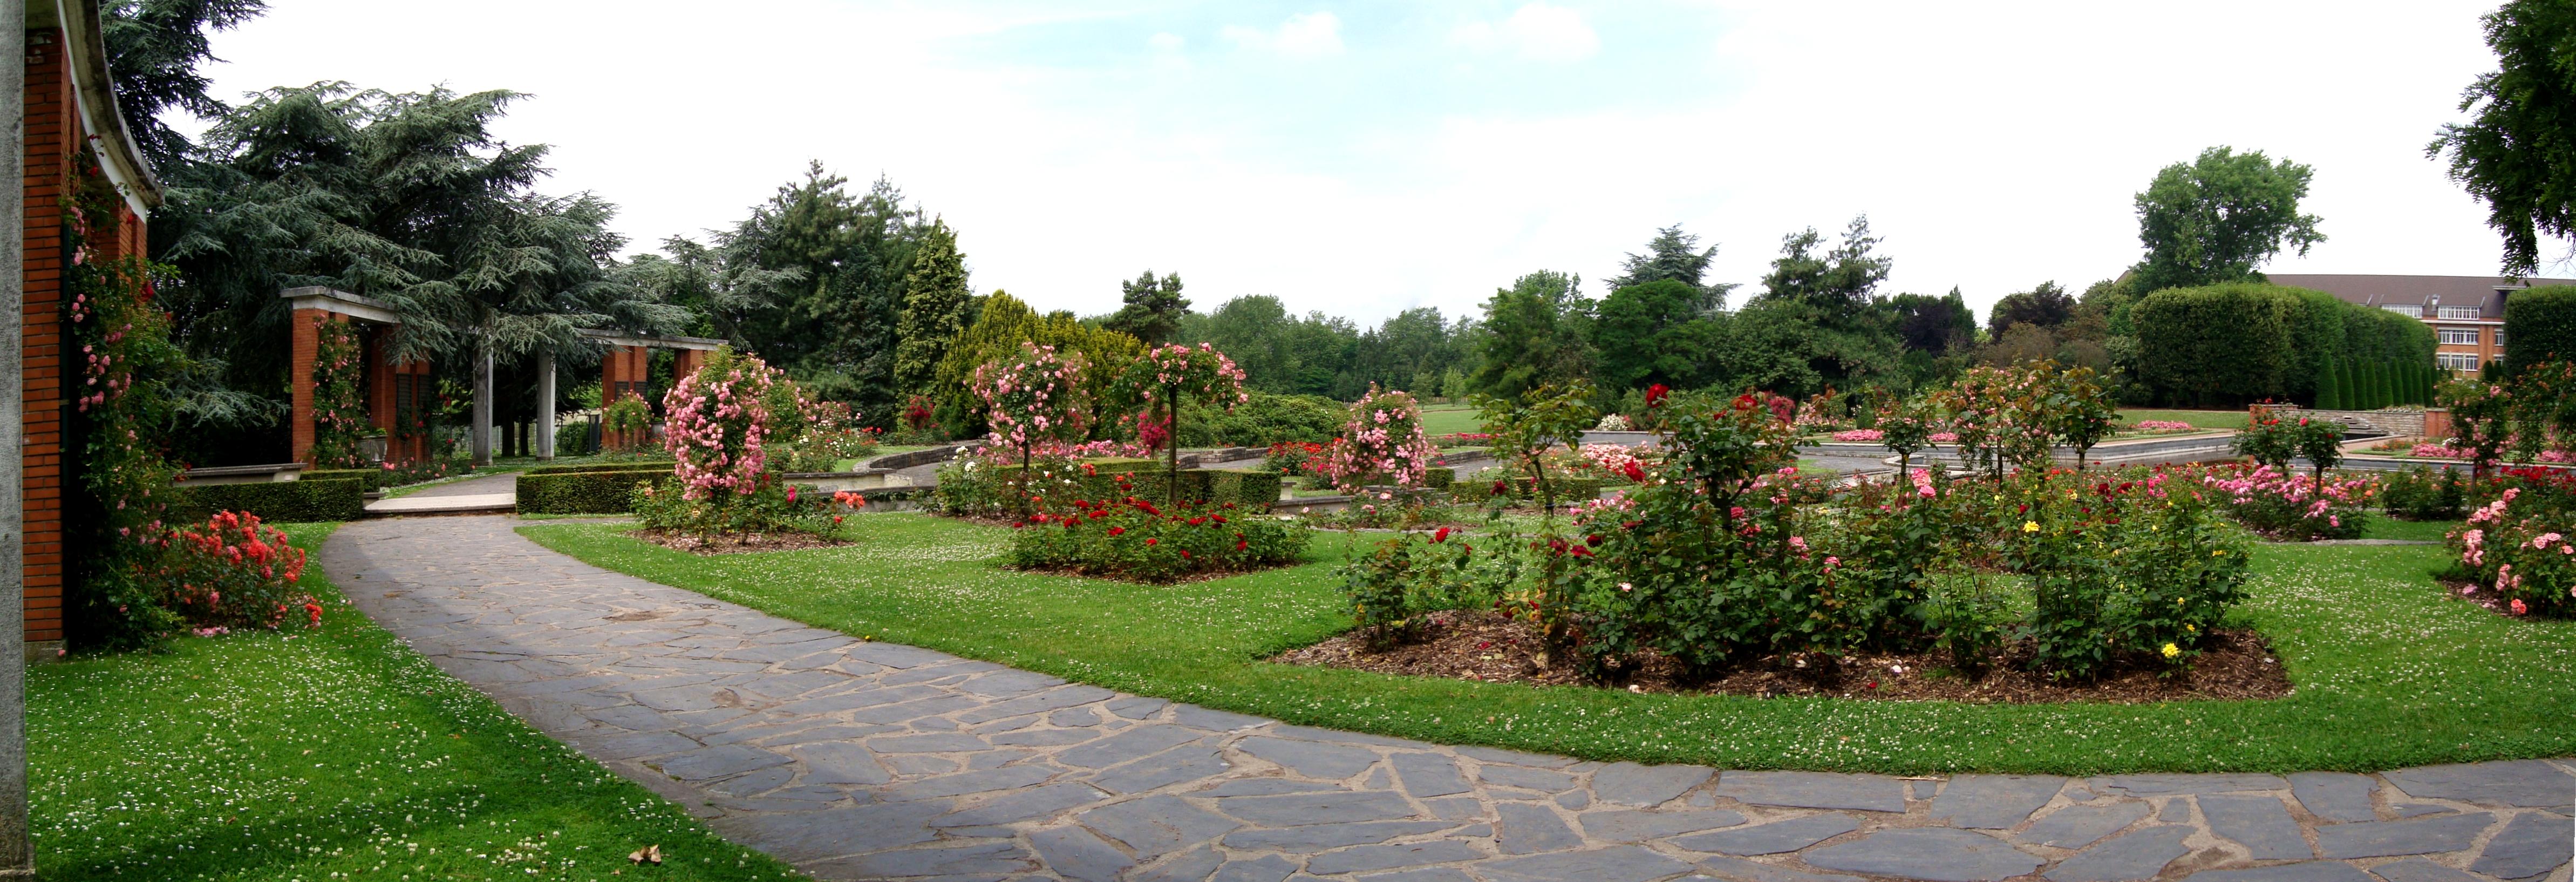 Jardin des plantes de lille for Plantes et jardins adresse